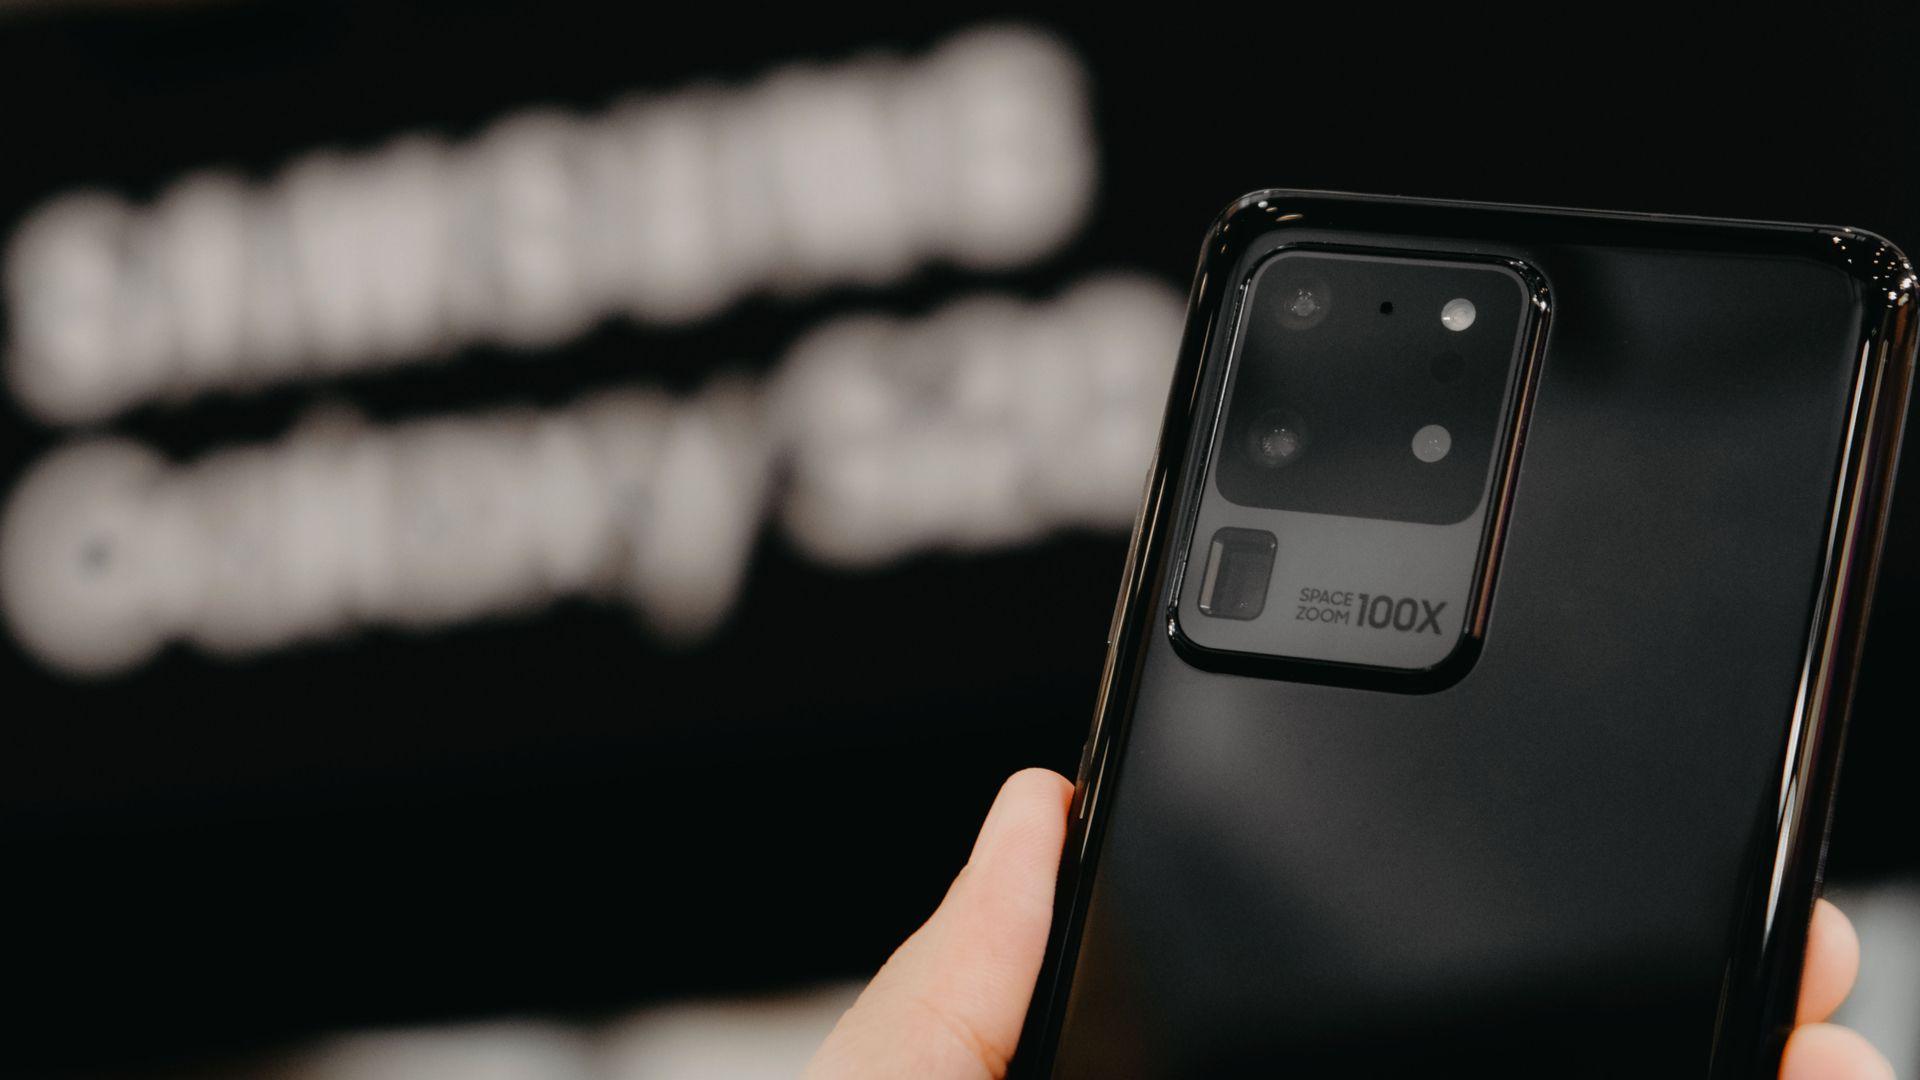 Galaxy S20 Ultra tem câmera de 108 megapixels. (Imagem: Framesira/Shutterstock)